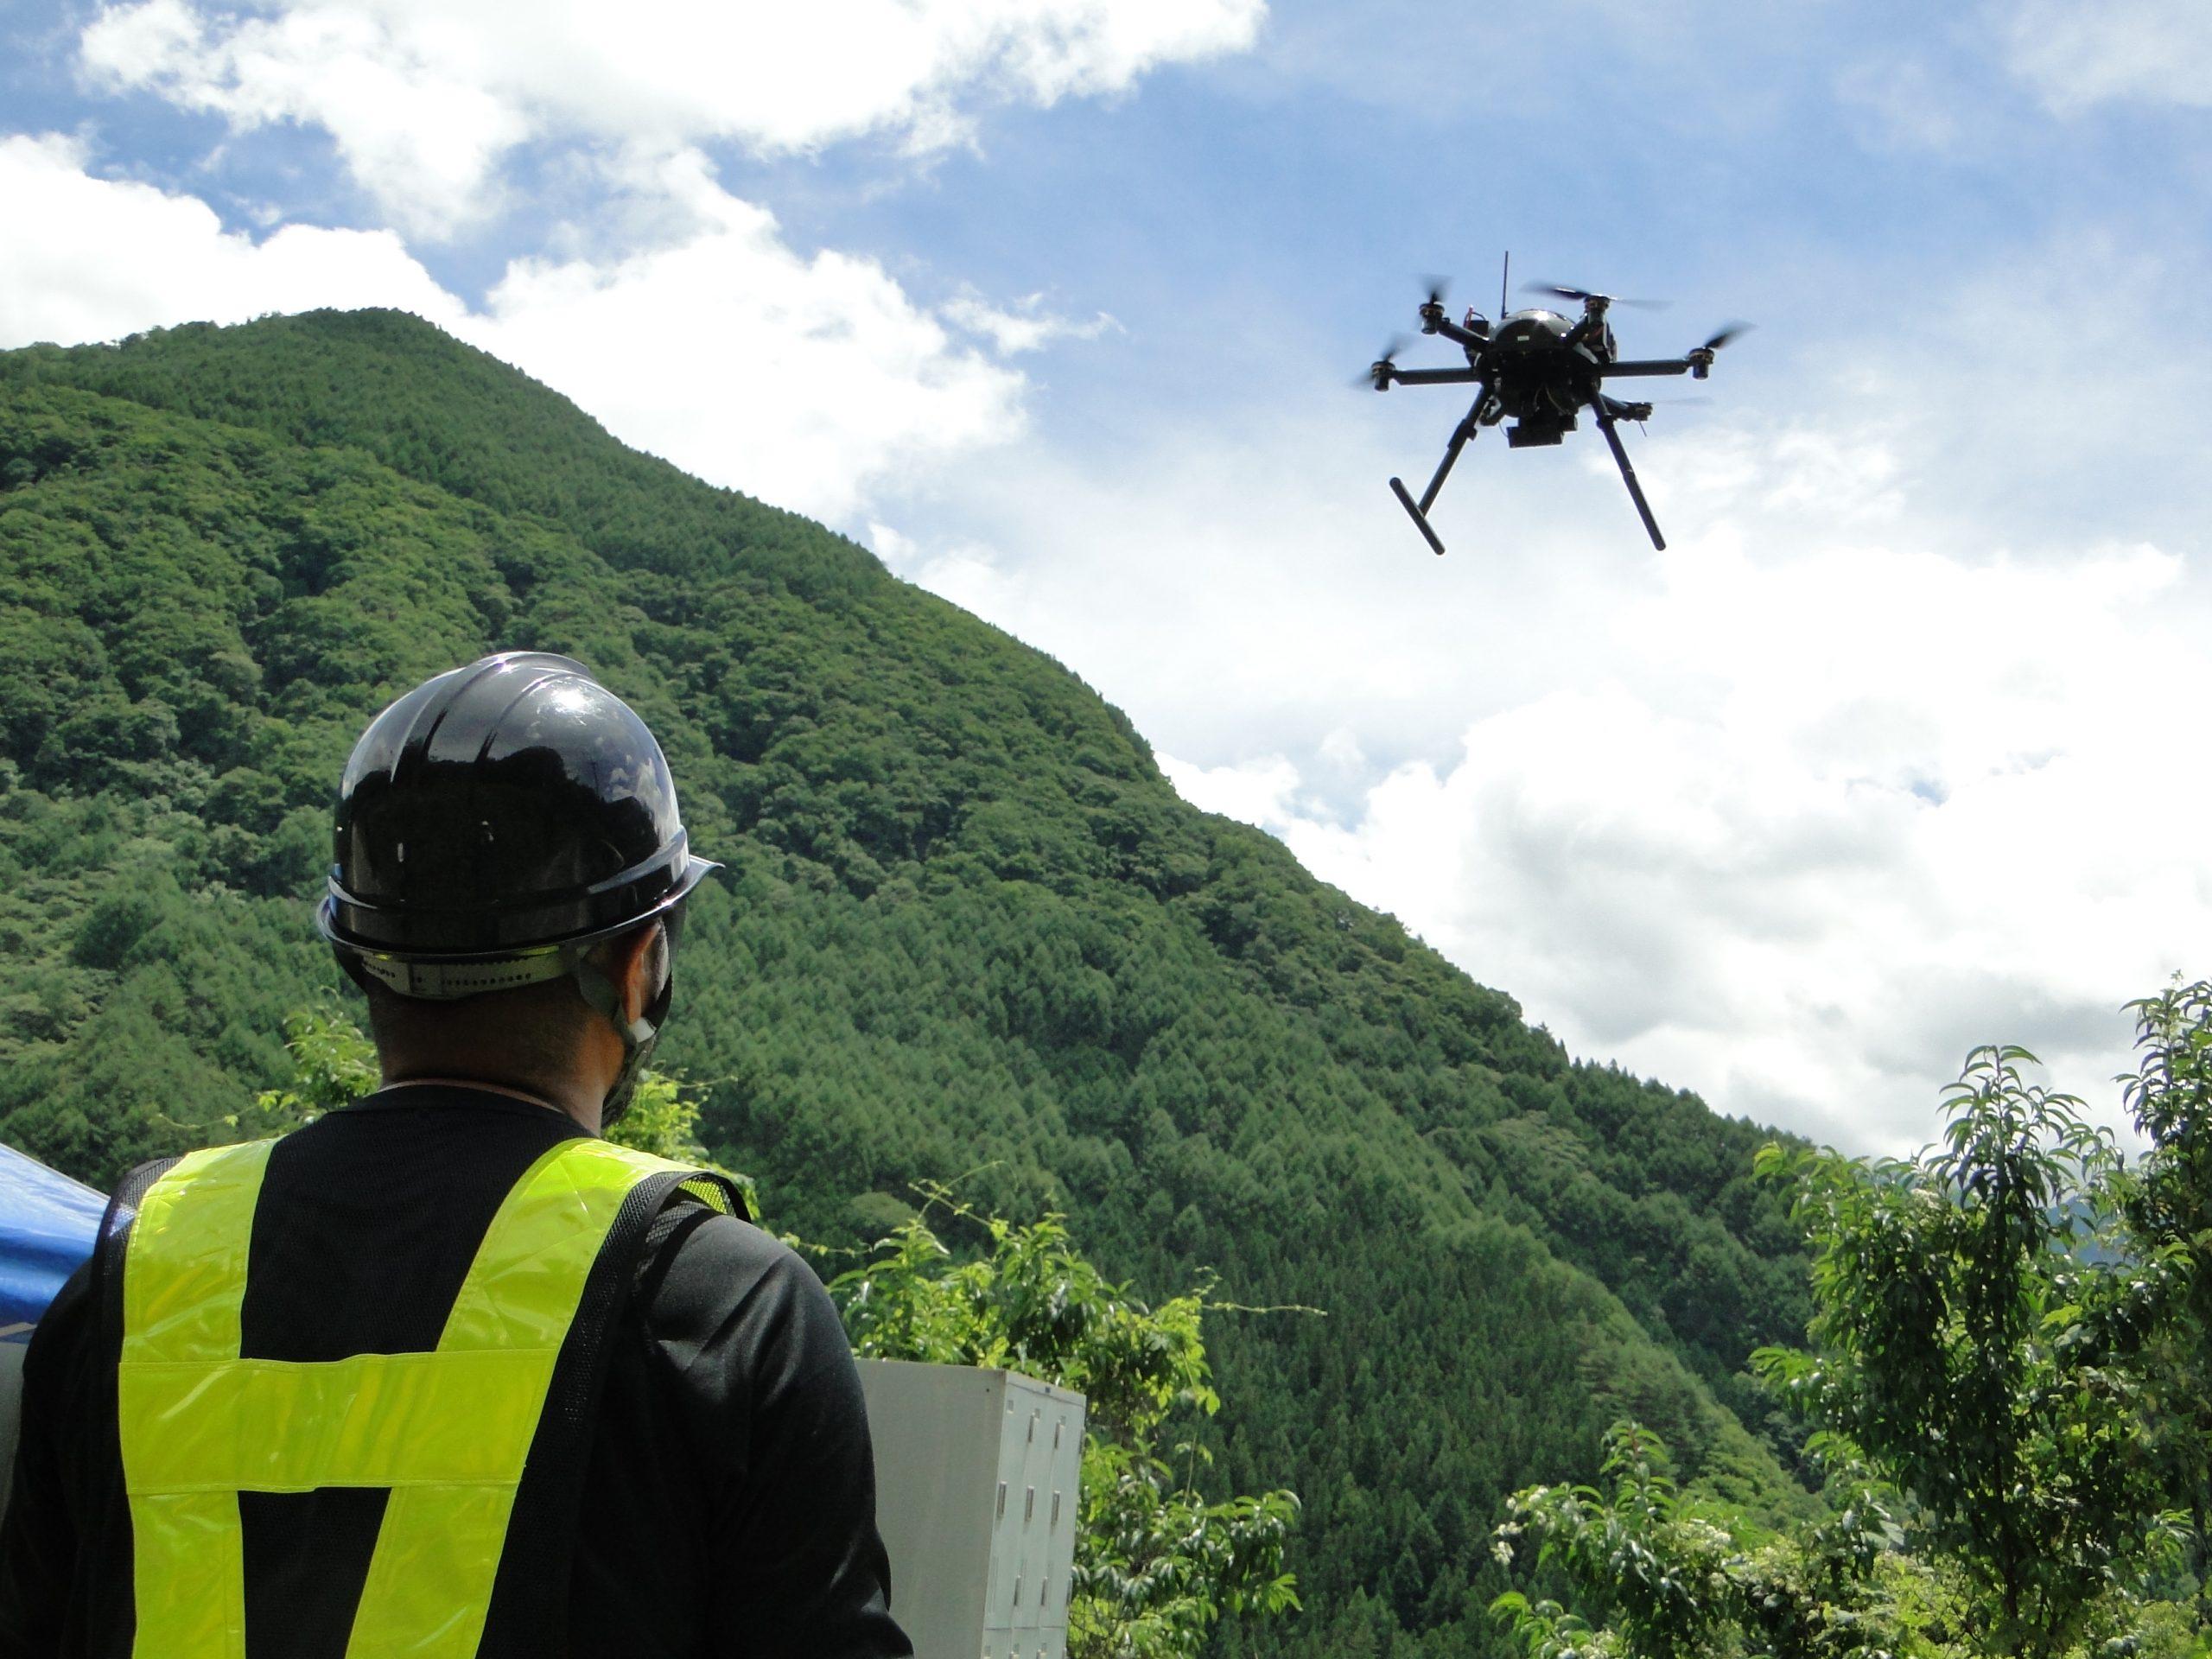 長野県からVFR社への要請に協力し、被災状況の調査に活用